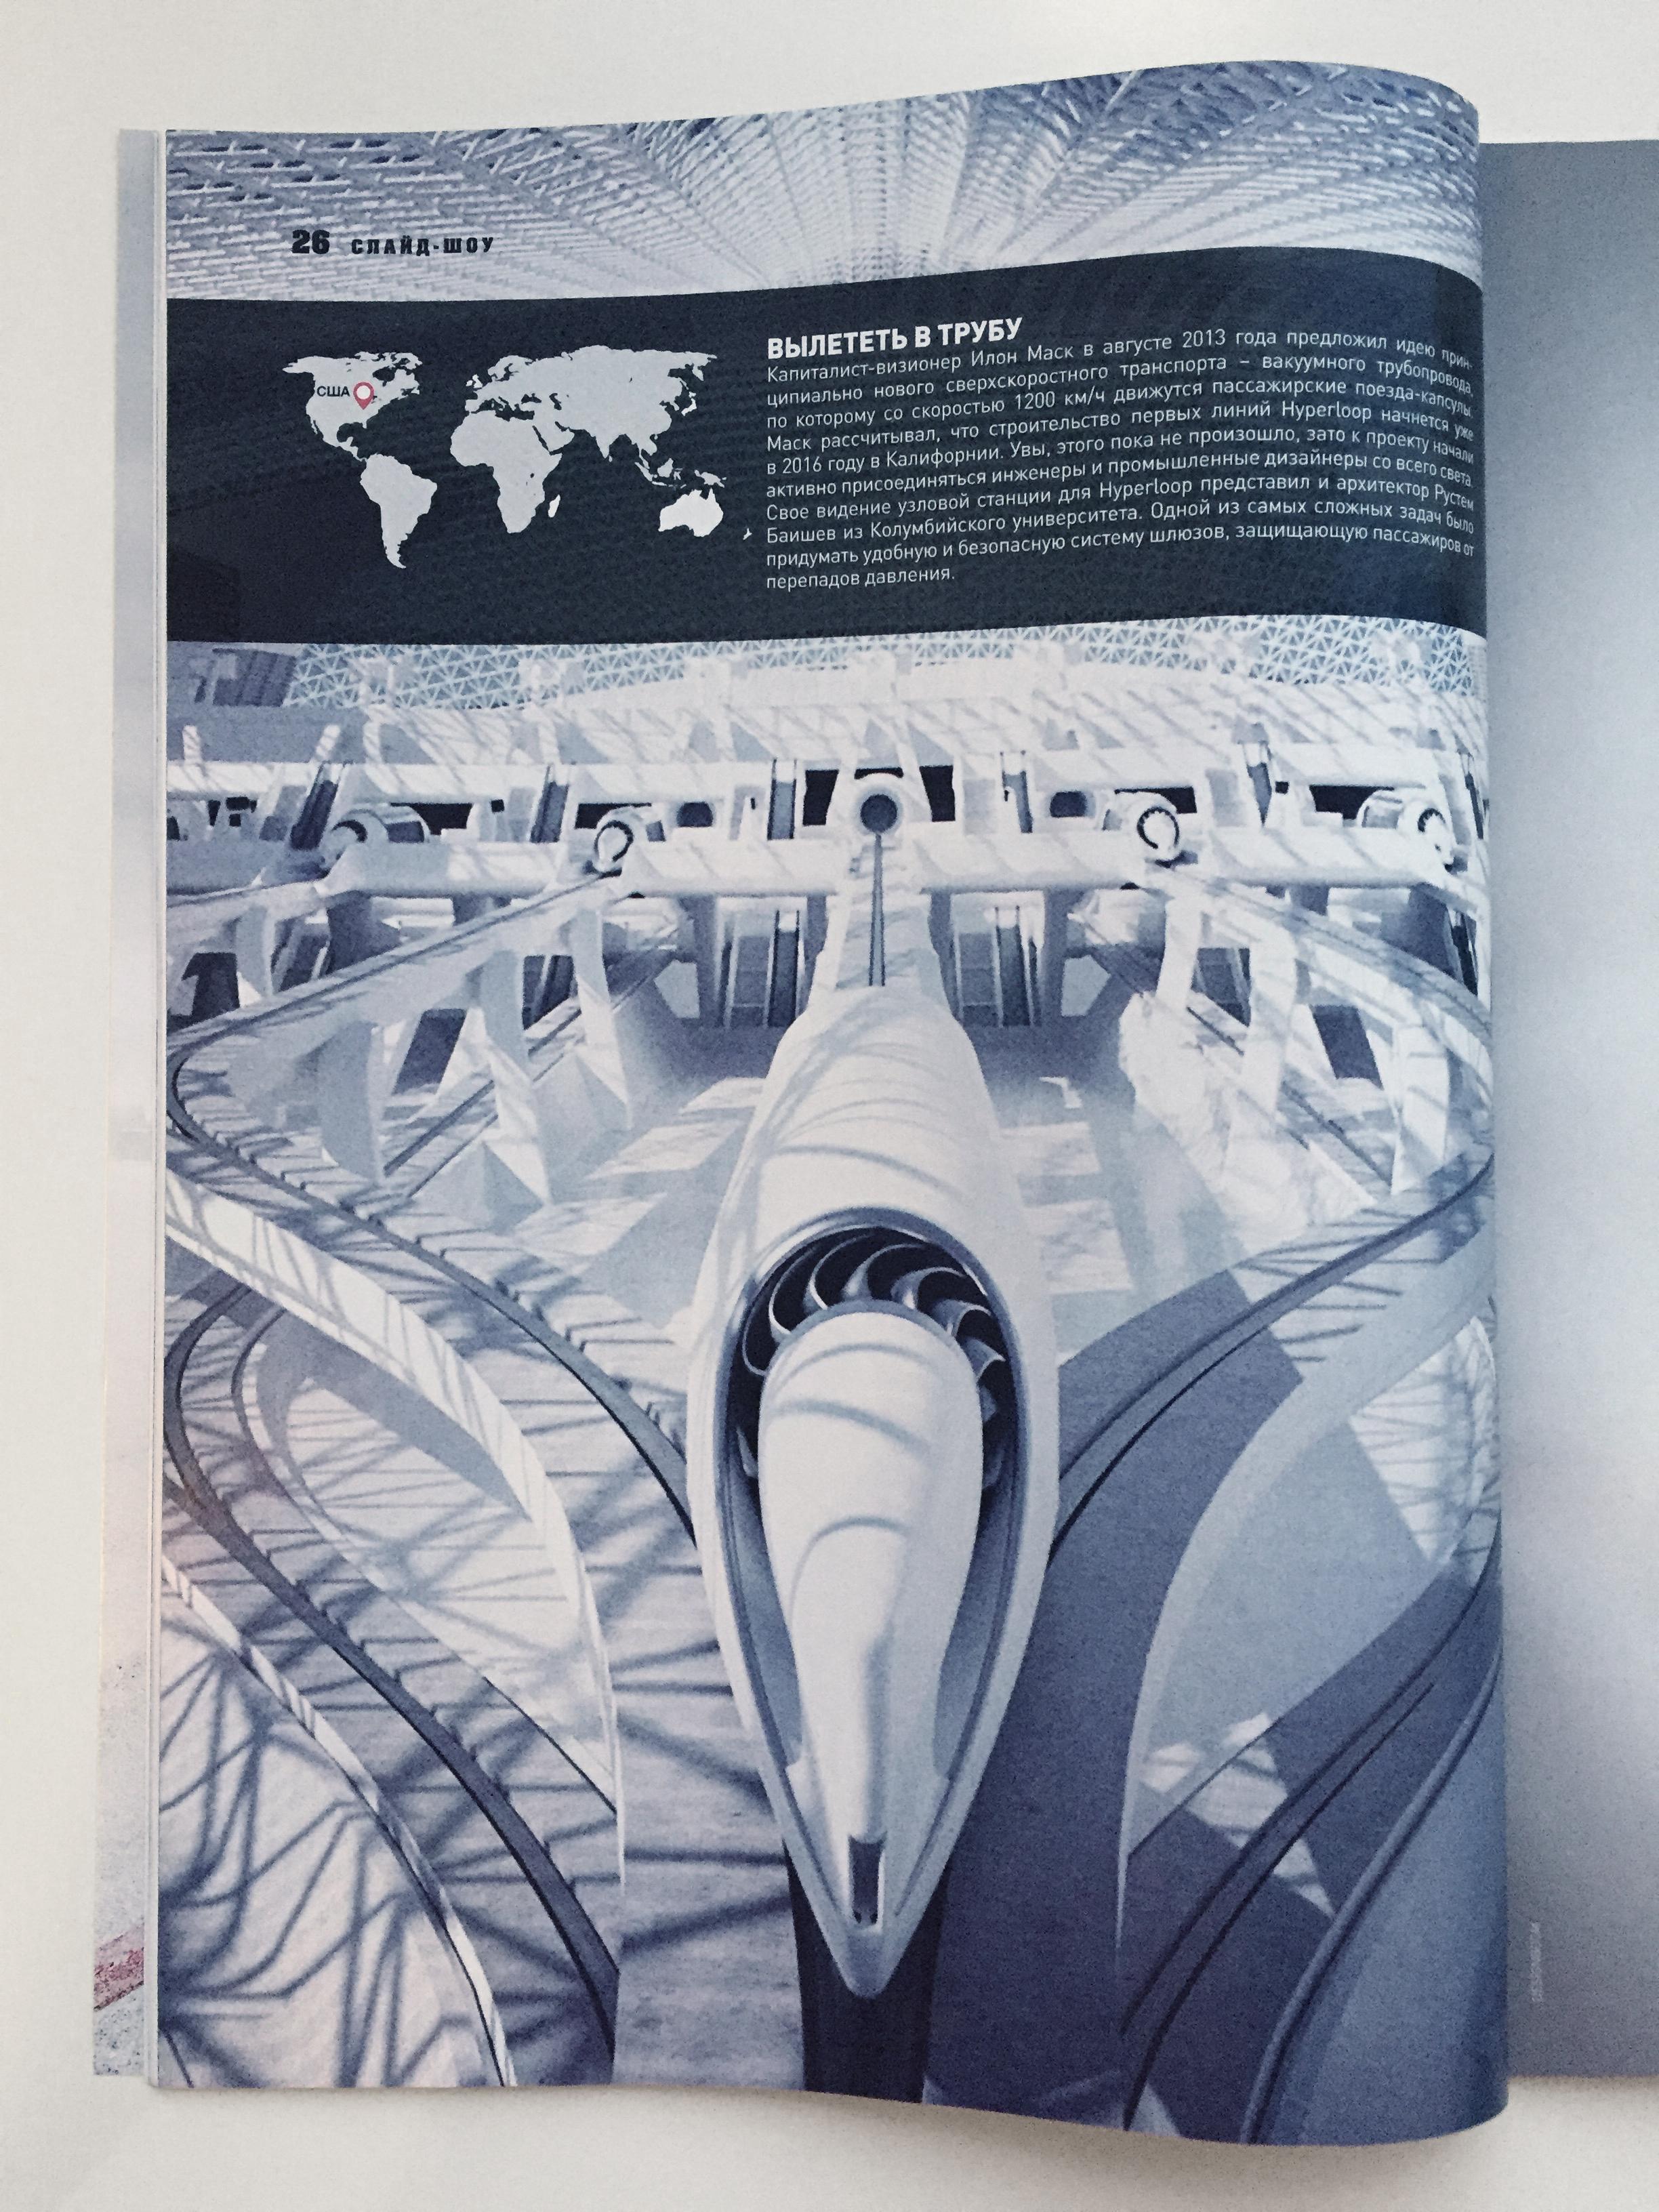 rbsystems_rustem baishev_popular mechanics_hyperloop 2.jpg